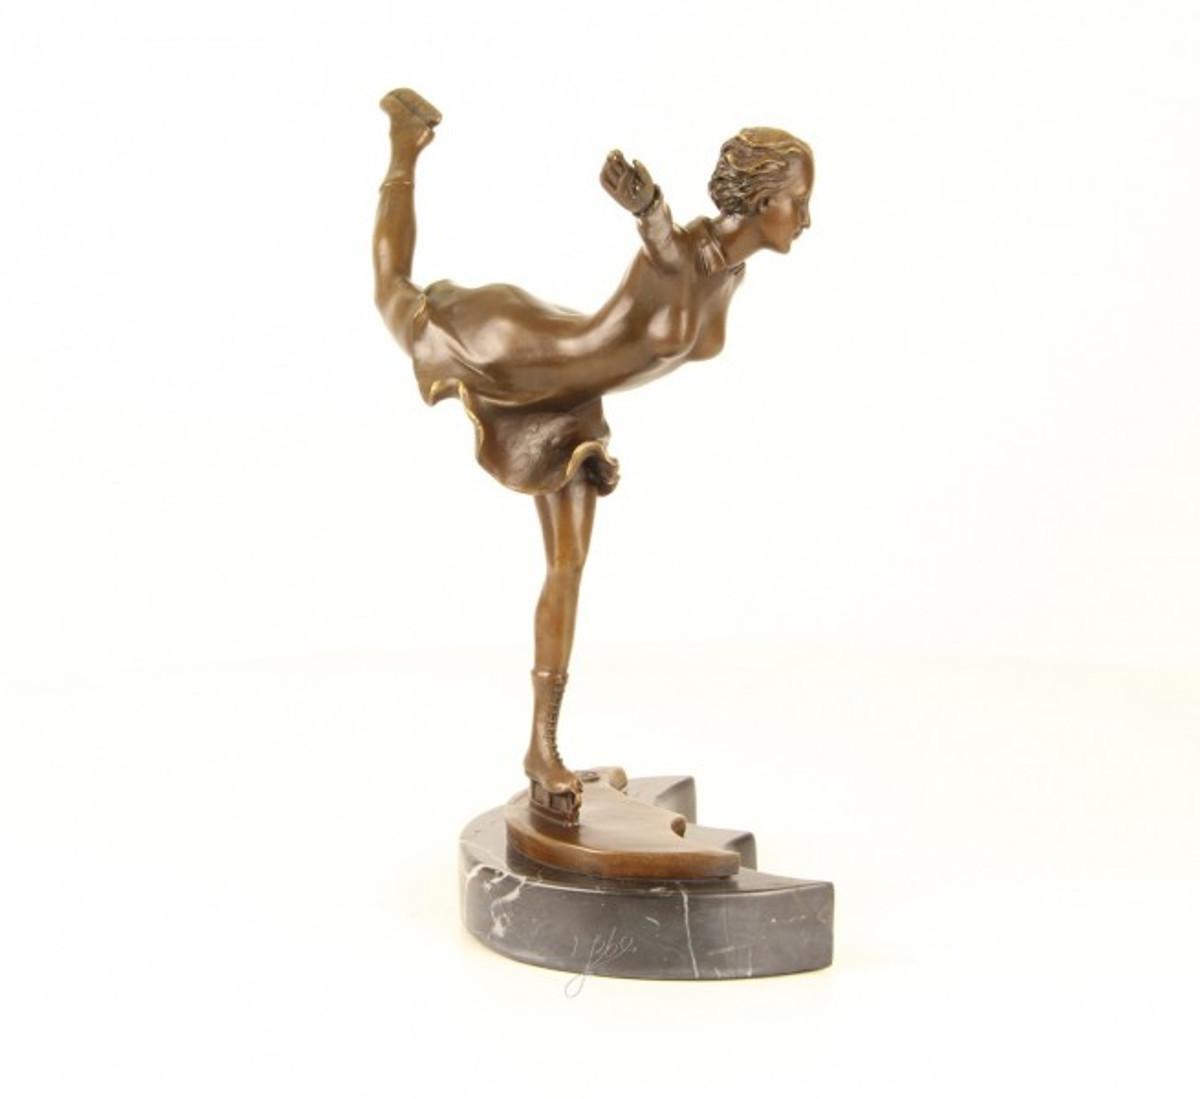 Eiskunstlauf Läuferin aus Bronze als Deko Skulptur für Eiskunstlauf Fans.